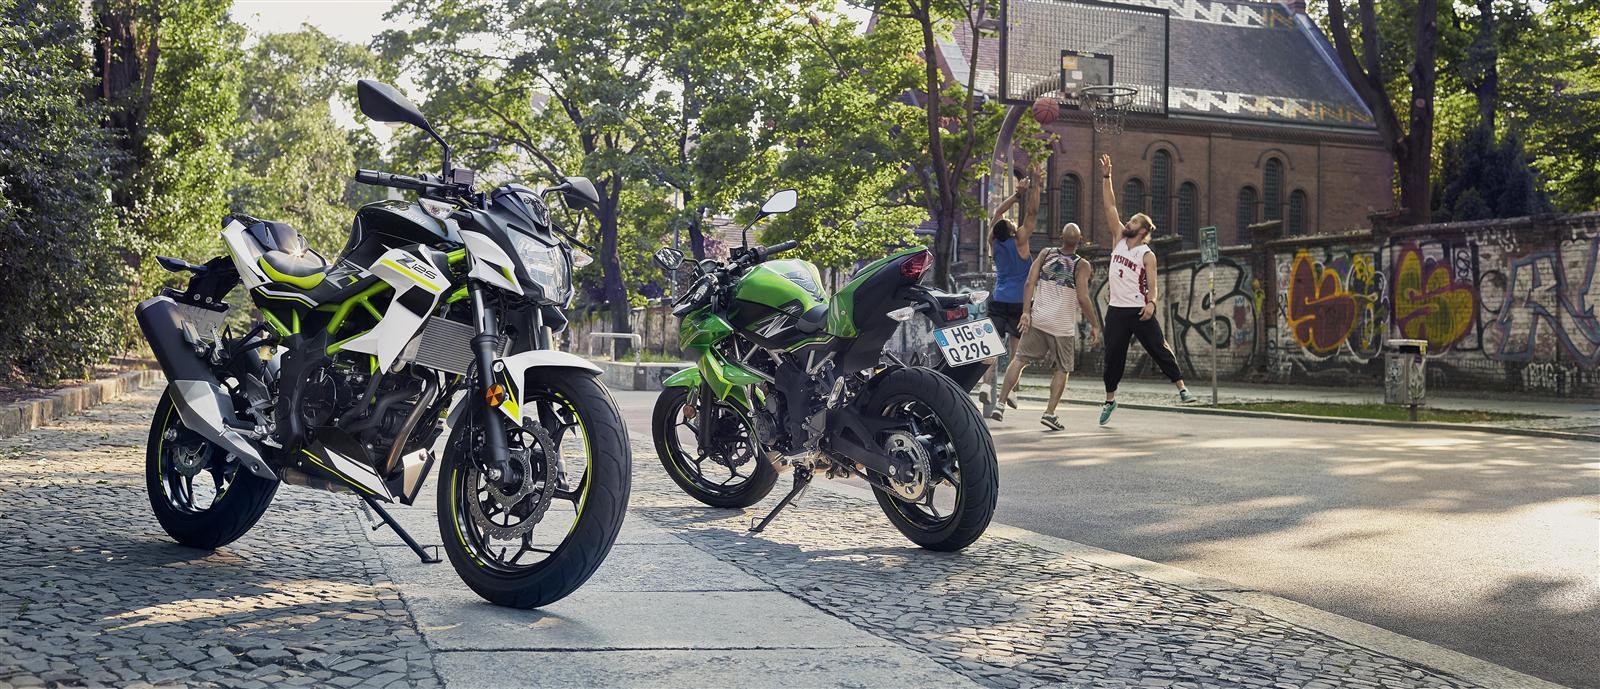 Z125 My 2019 Kawasaki Europe